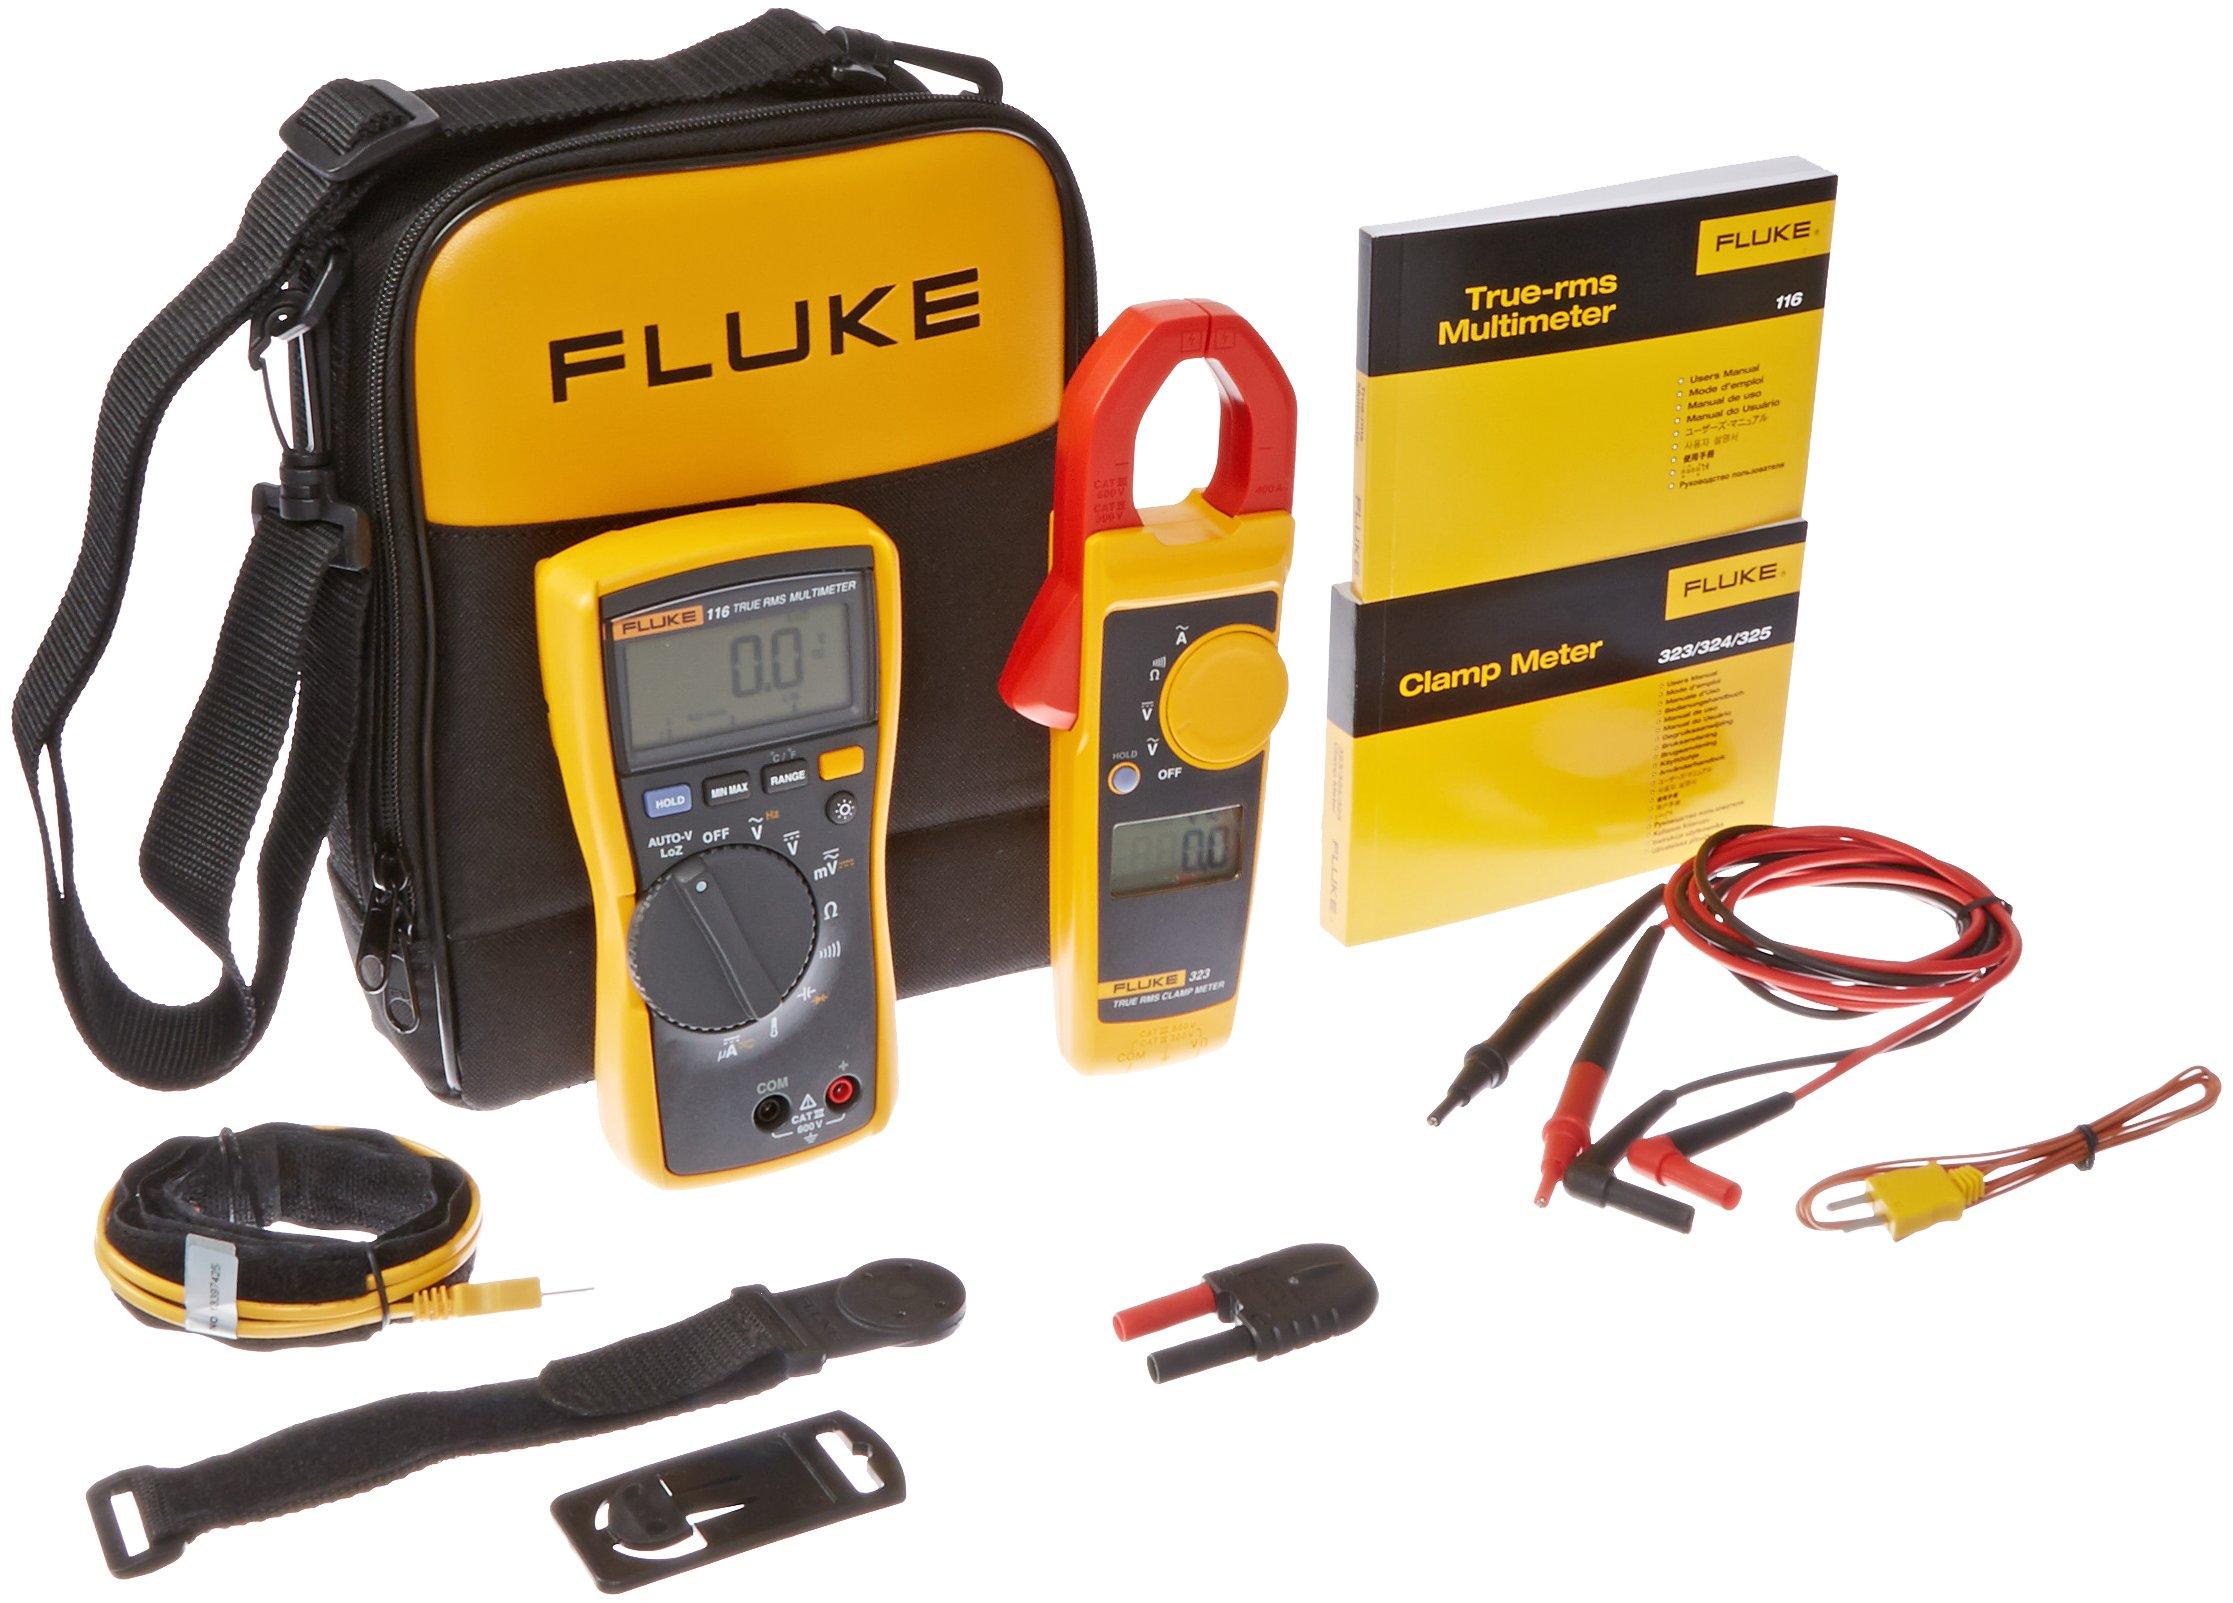 Fluke 323 Clamp Meter Fluke : Fluke kit hvac multimeter and clamp meter